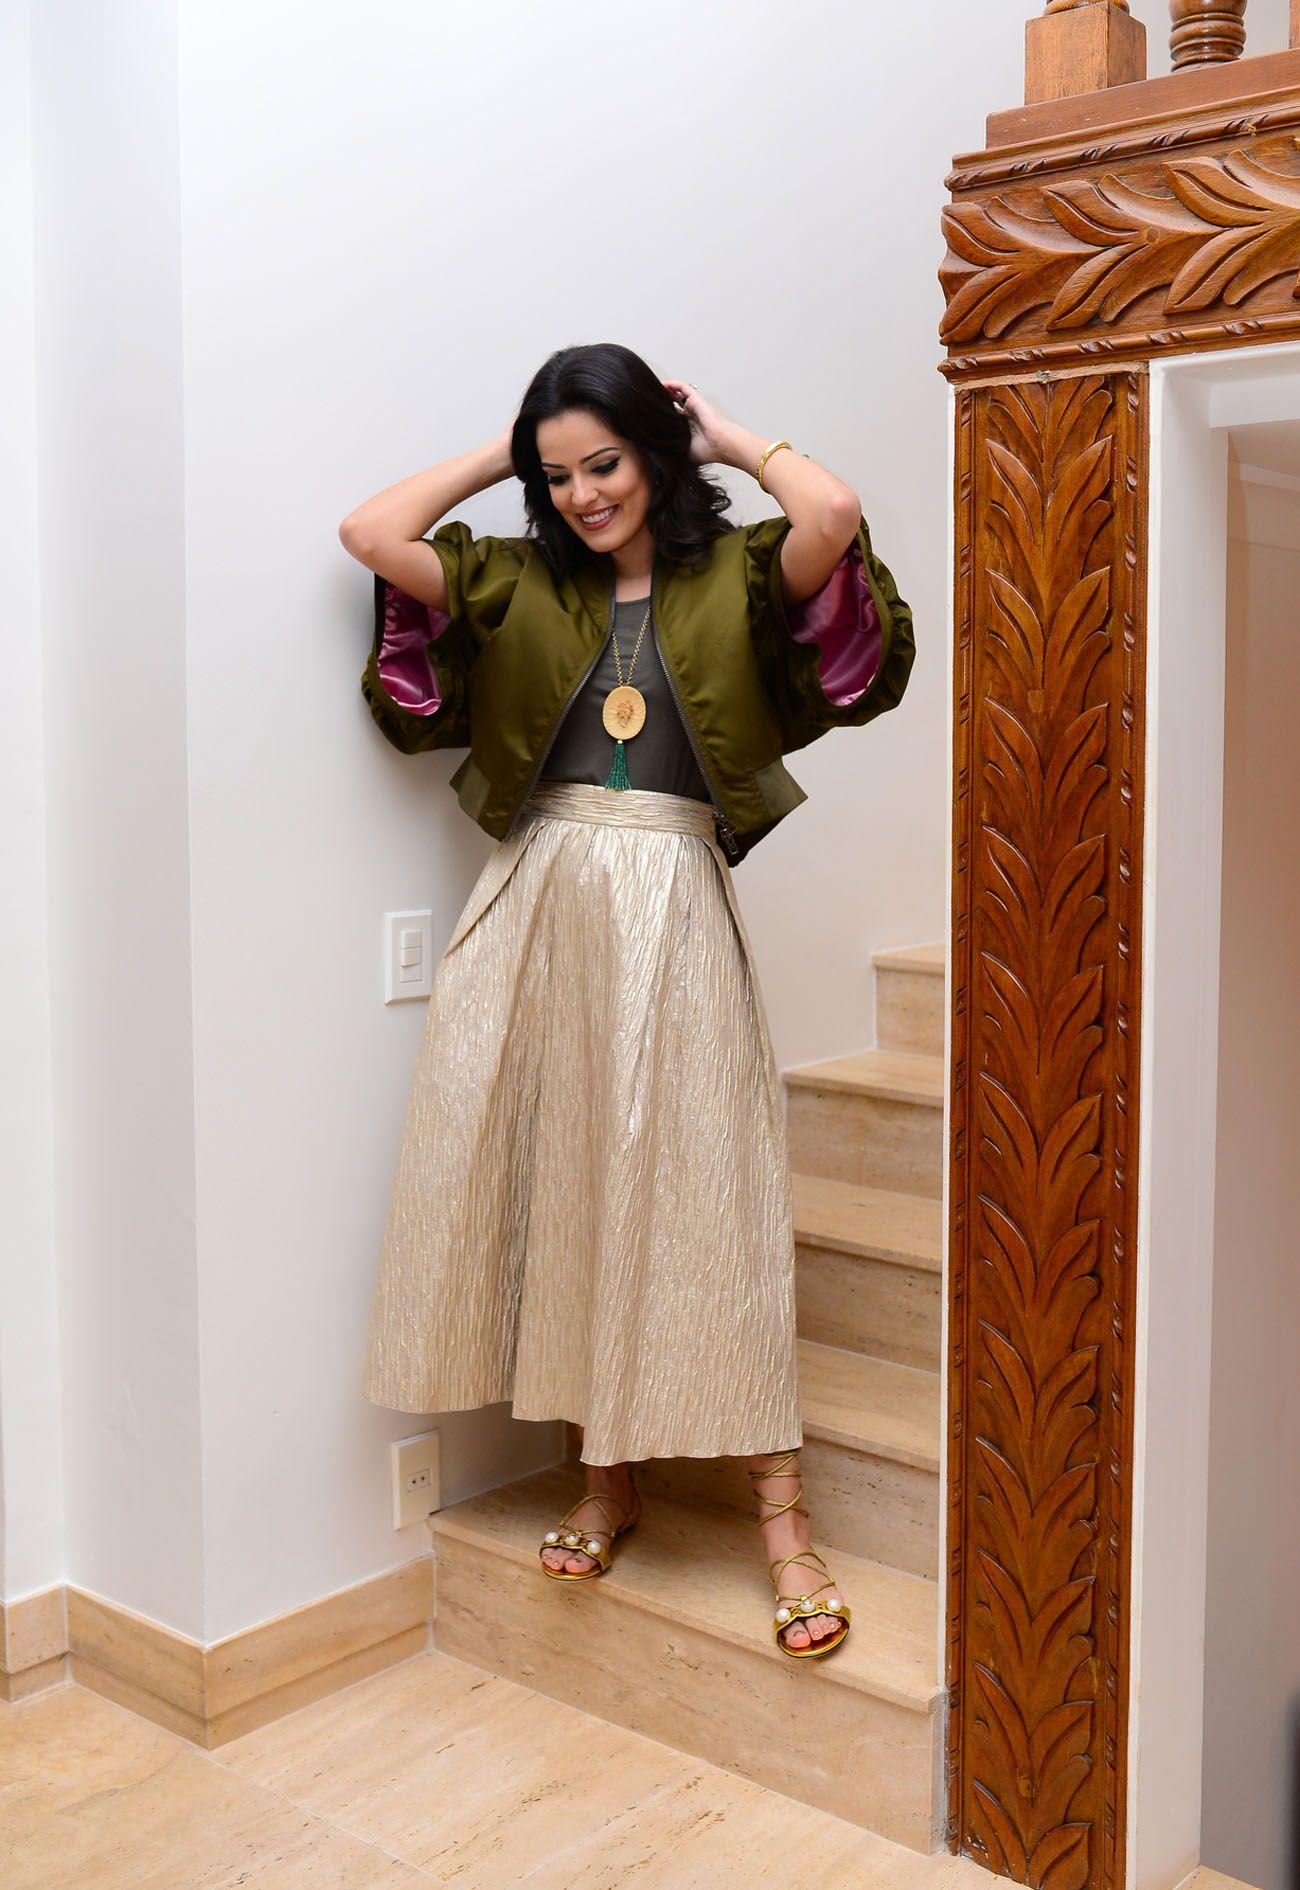 Look para aniversário da minha mãe: Casaco Givenchy; regata Target; colar acervo pessoal; saia (não me lembro mesmo, bloguetes! Sorry!); sandália Gucci.